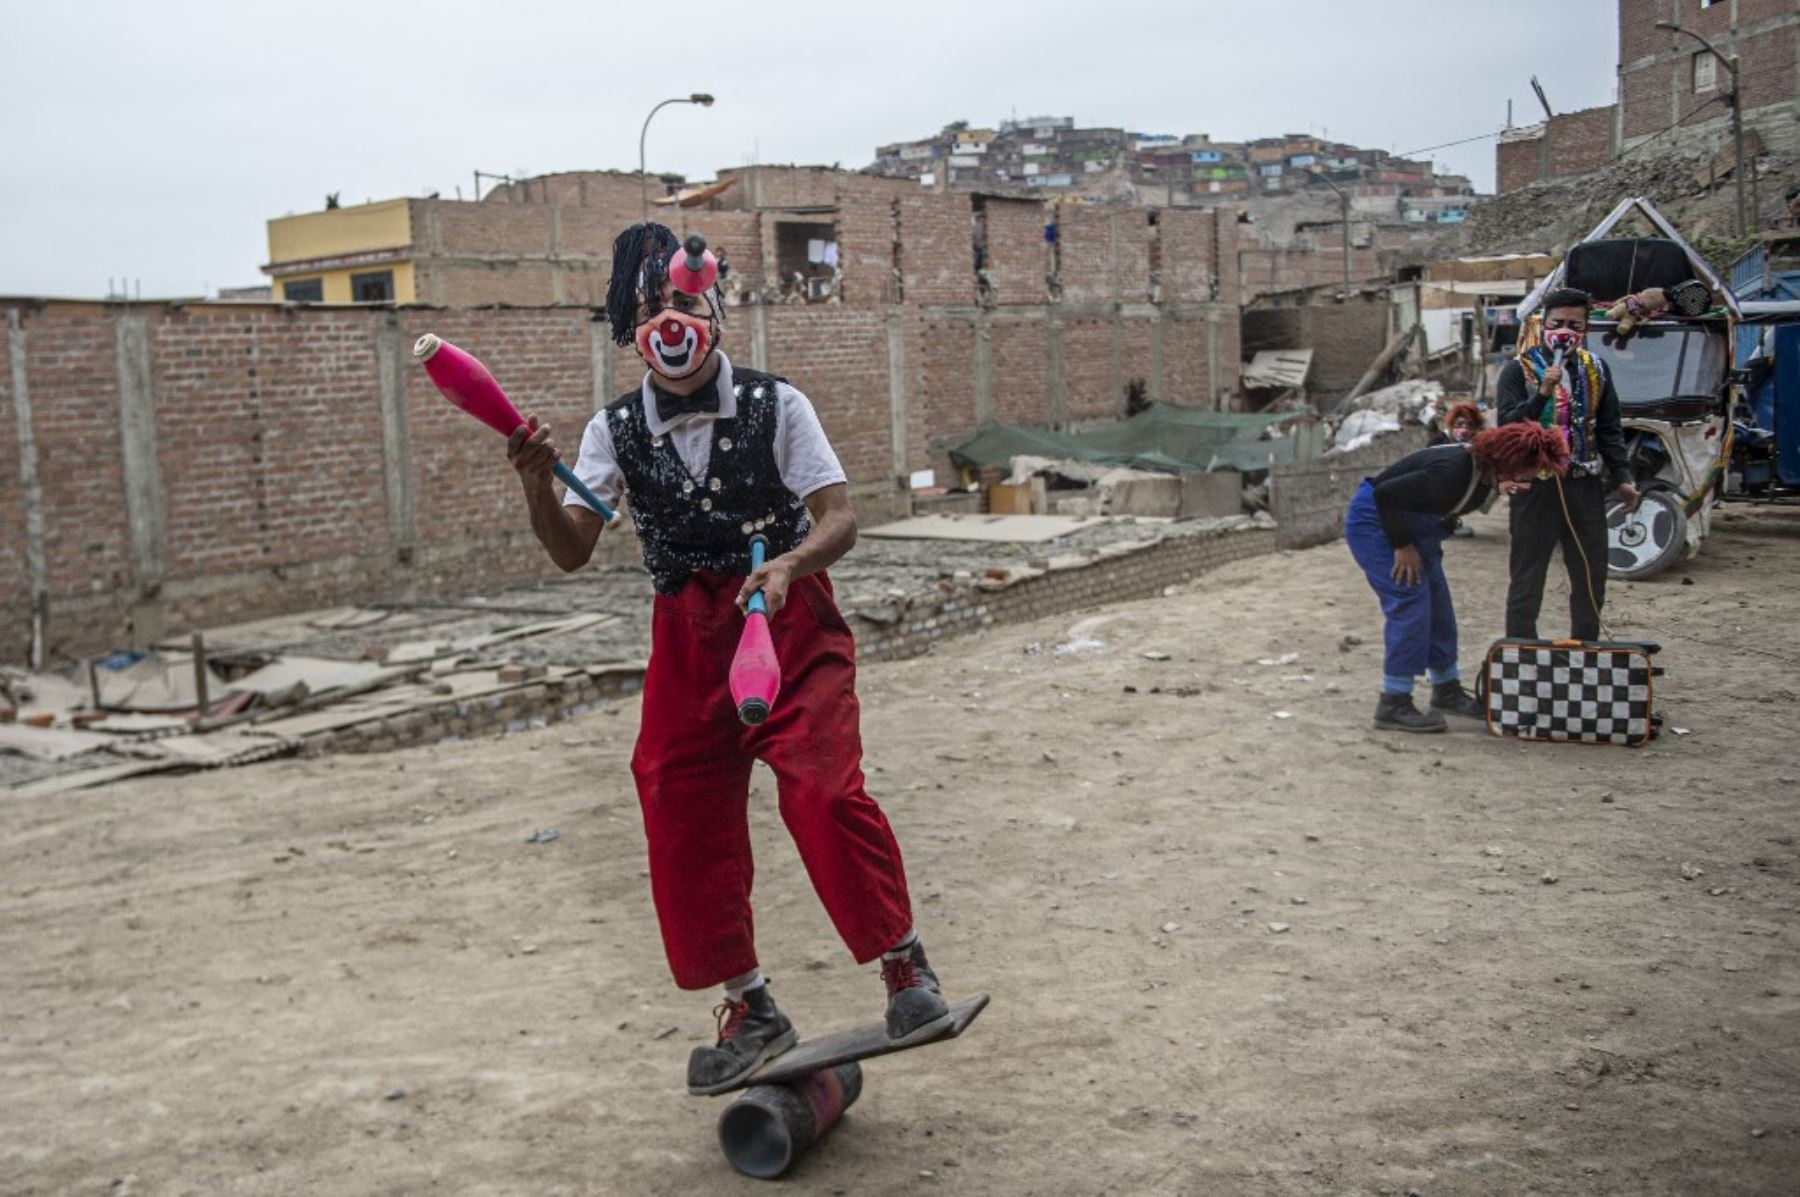 Un payaso con máscara facial actúa en el distrito de Puente Piedra, en las afueras del norte de Lima, durante la pandemia de covid-19.  Debido a la pandemia de coronavirus, los circos en Perú permanecen cerrados, lo que lleva a este grupo de payasos que viajan en su circo mototaxi a actuar en las calles de Lima.   Foto: AFP